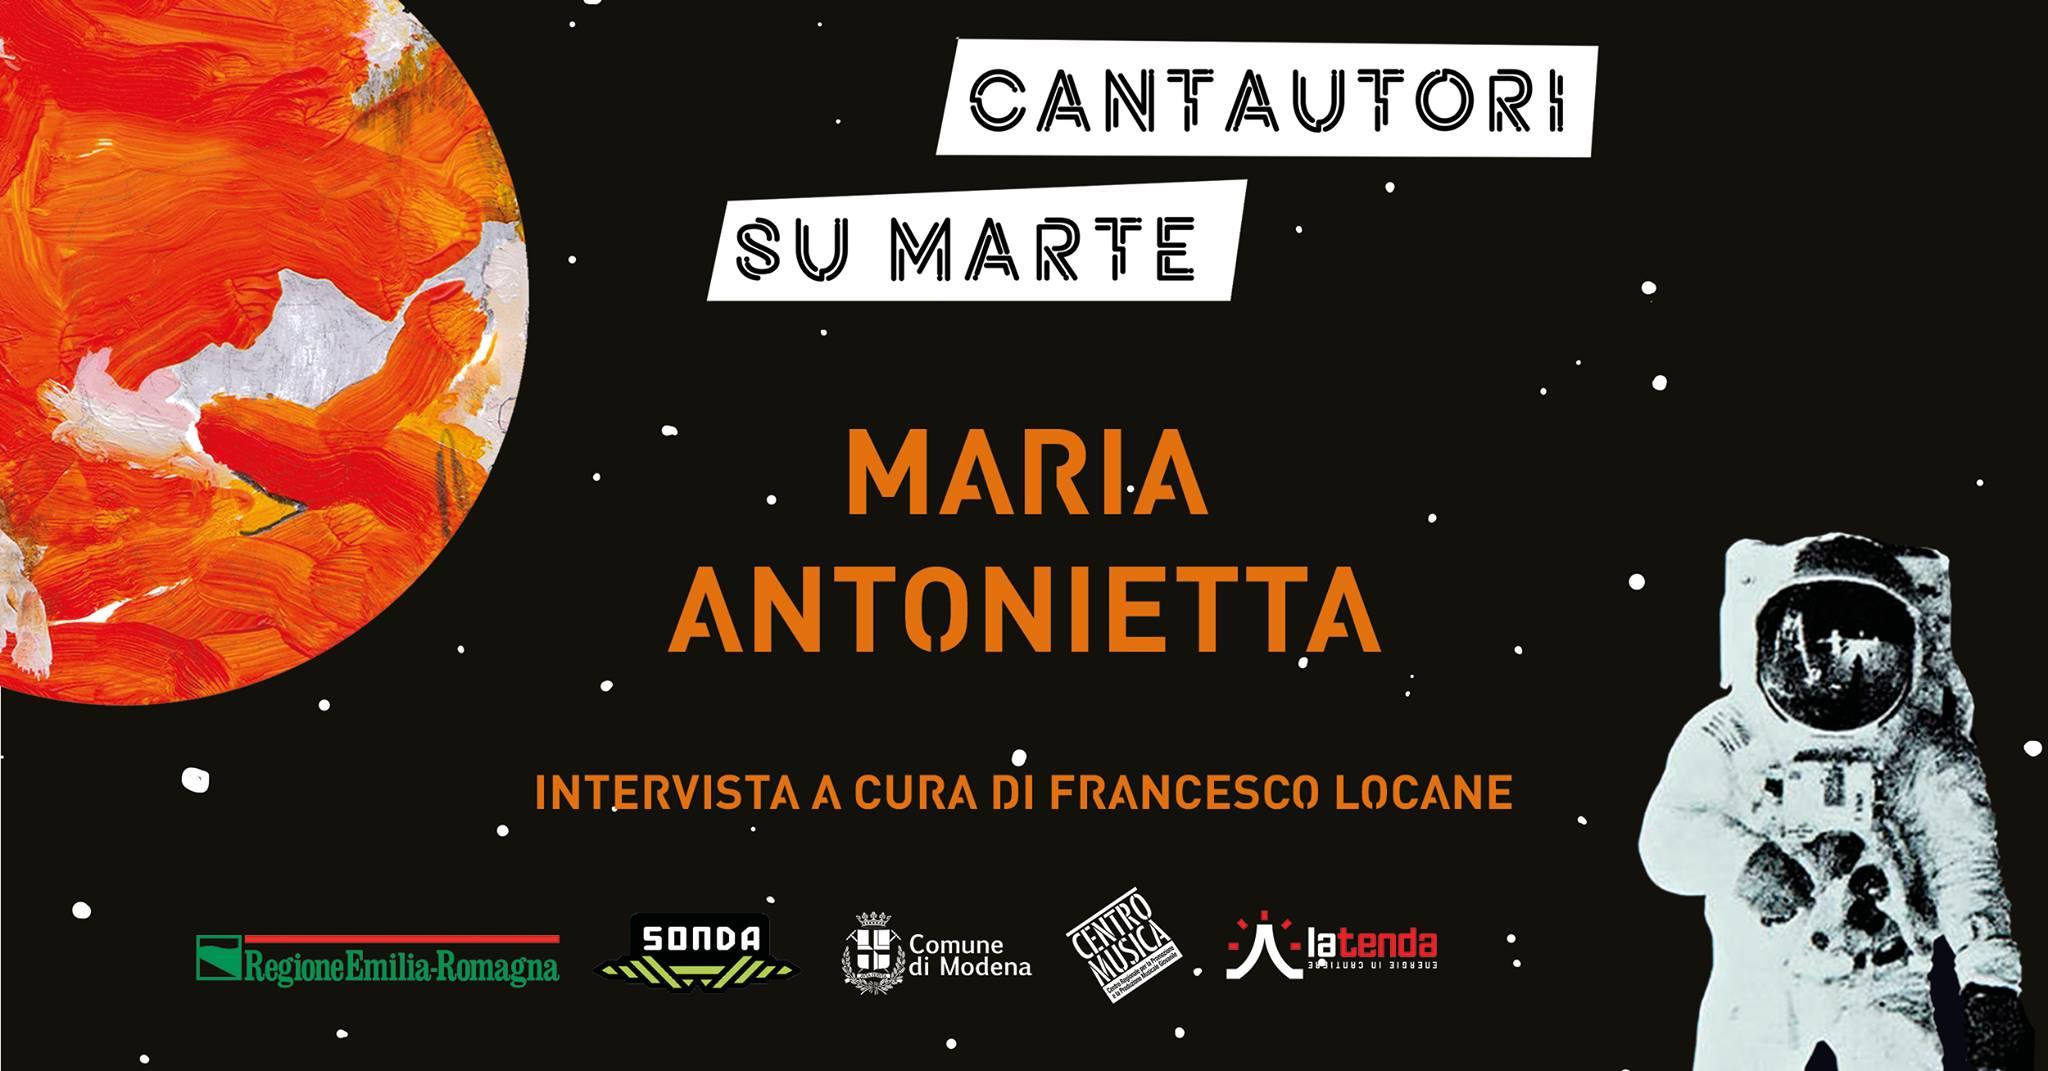 Modena @La Tenda – Cantautori su Marte